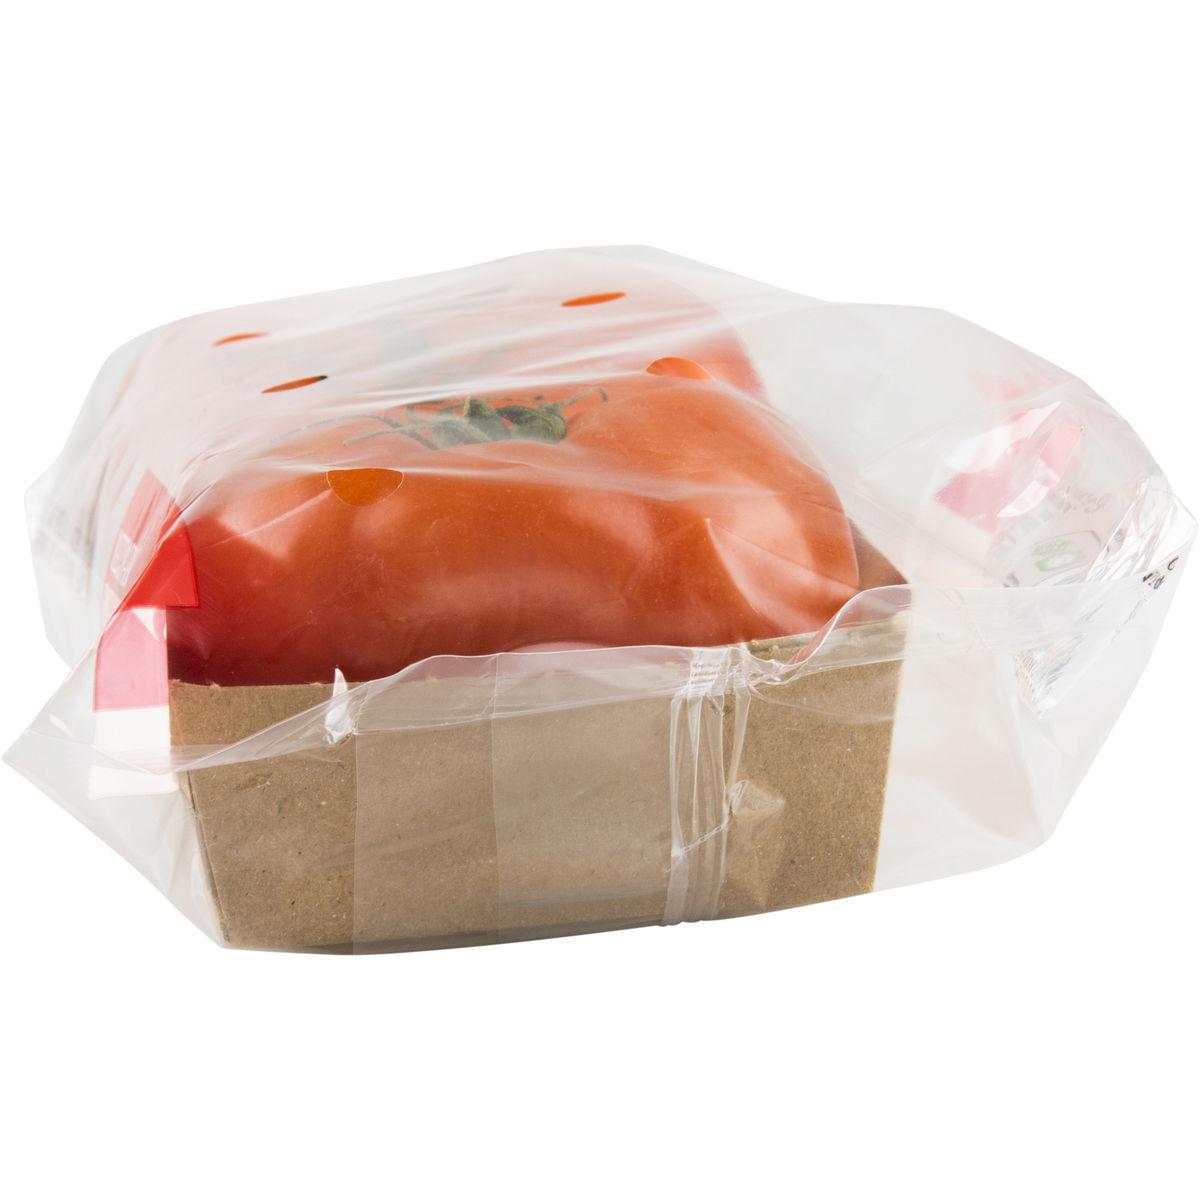 Carrefour Vleestomaten 3st